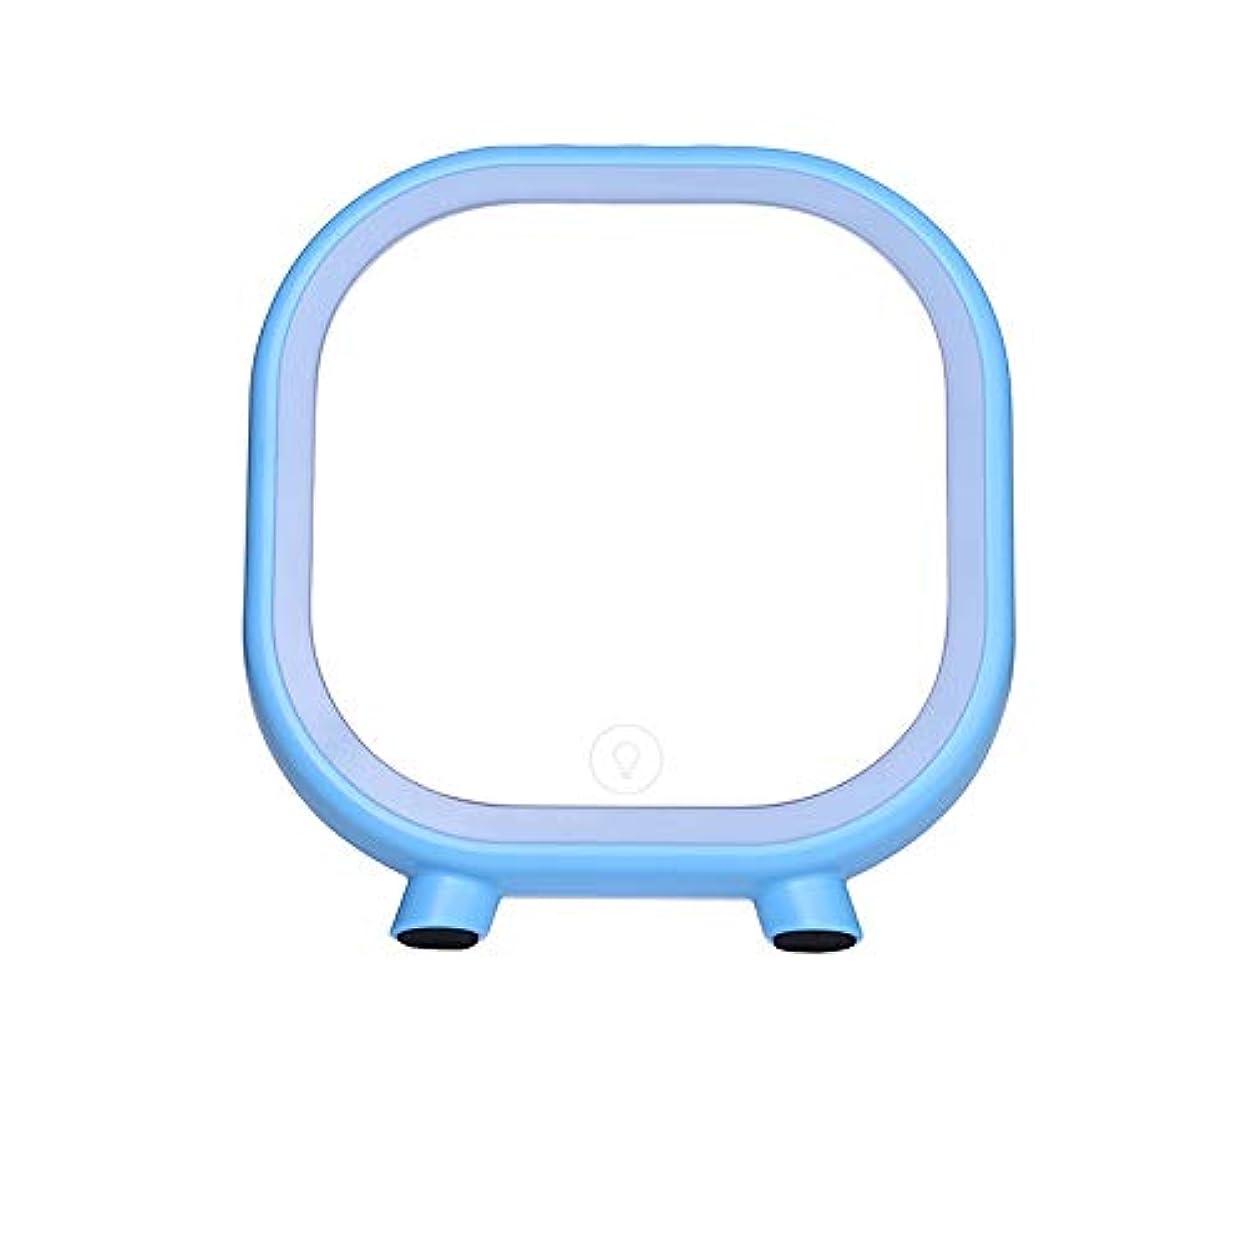 爆弾船尾砂漠流行の 創造的なLEDの薄いピンク/青い正方形のブルートゥースのスピーカーの化粧台/化粧鏡 (色 : Blue)